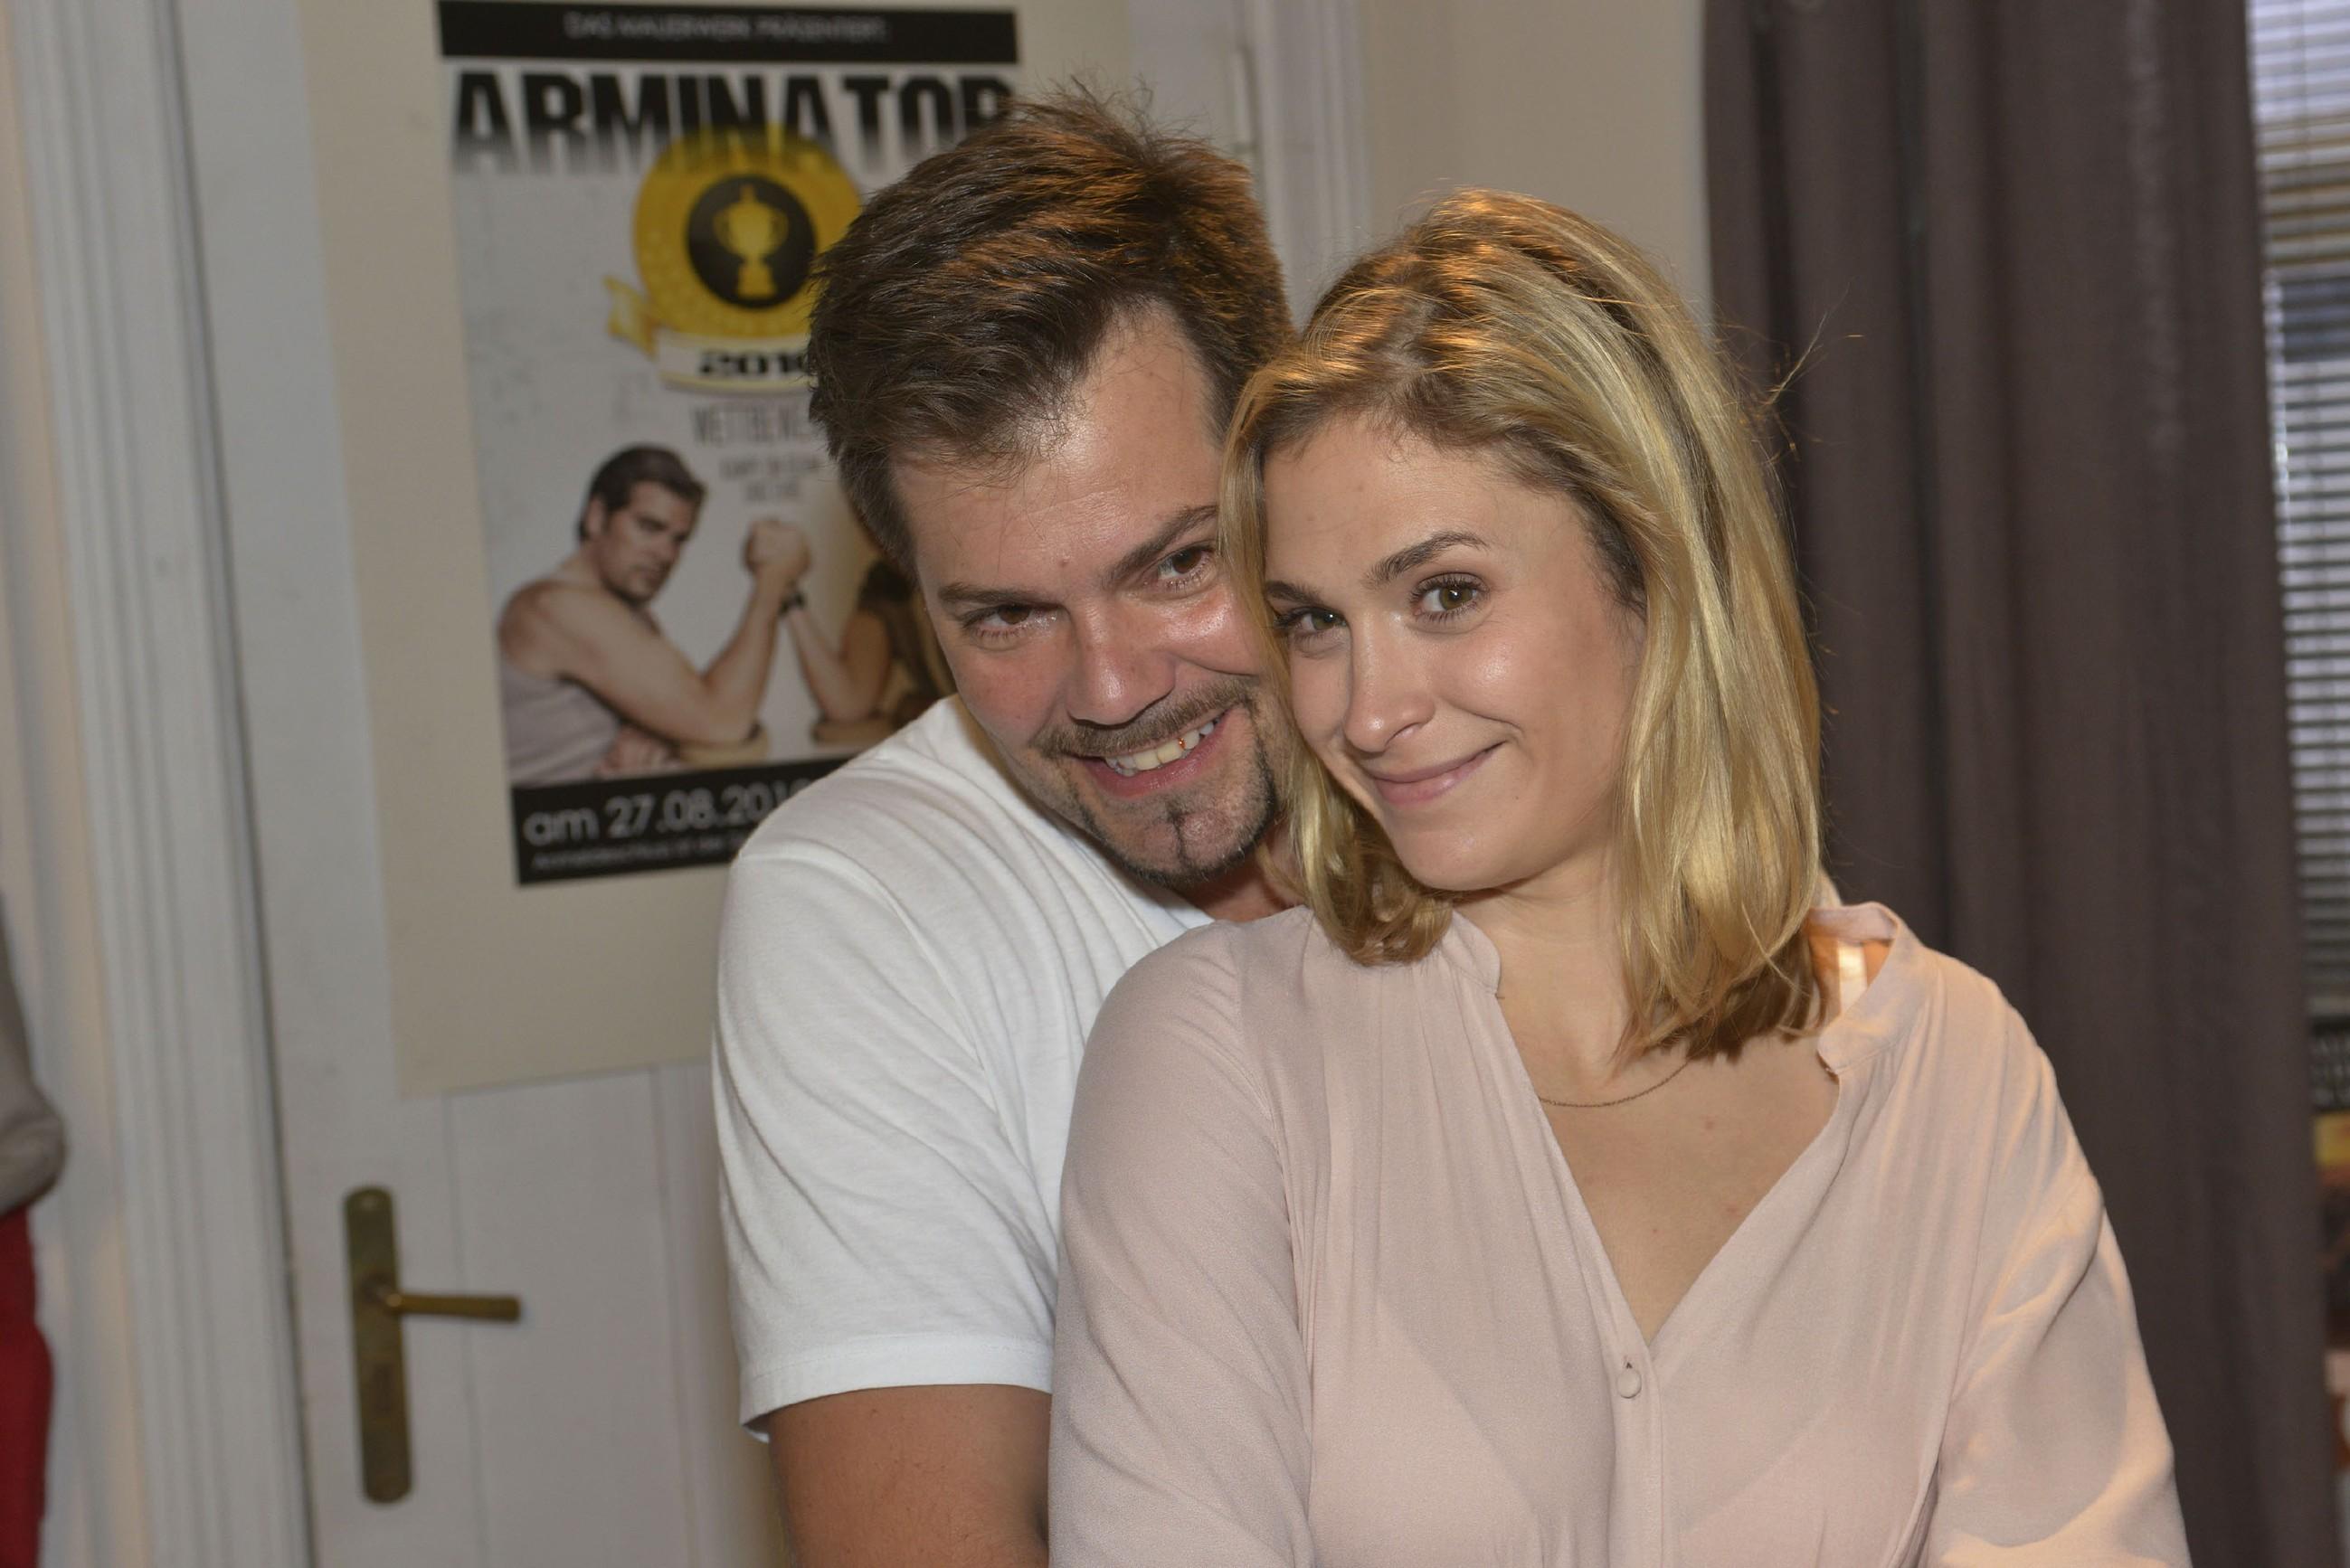 Trotz Sophies (Lea Marlen Woitack) Dauermüdigkeit, Übelkeit und anderer Gelüste freuen sich Leon (Daniel Fehlow) und sie unbändig auf ihr Baby.